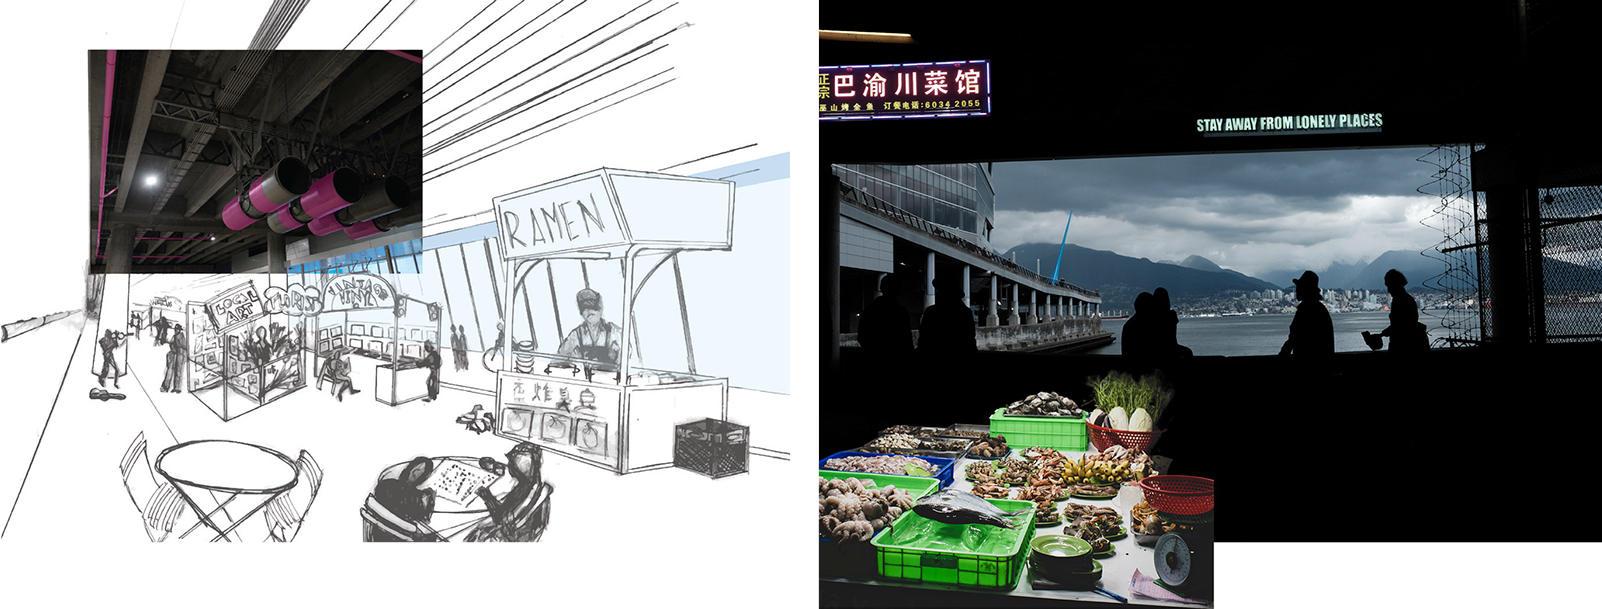 A21 – Waterfront Public Market